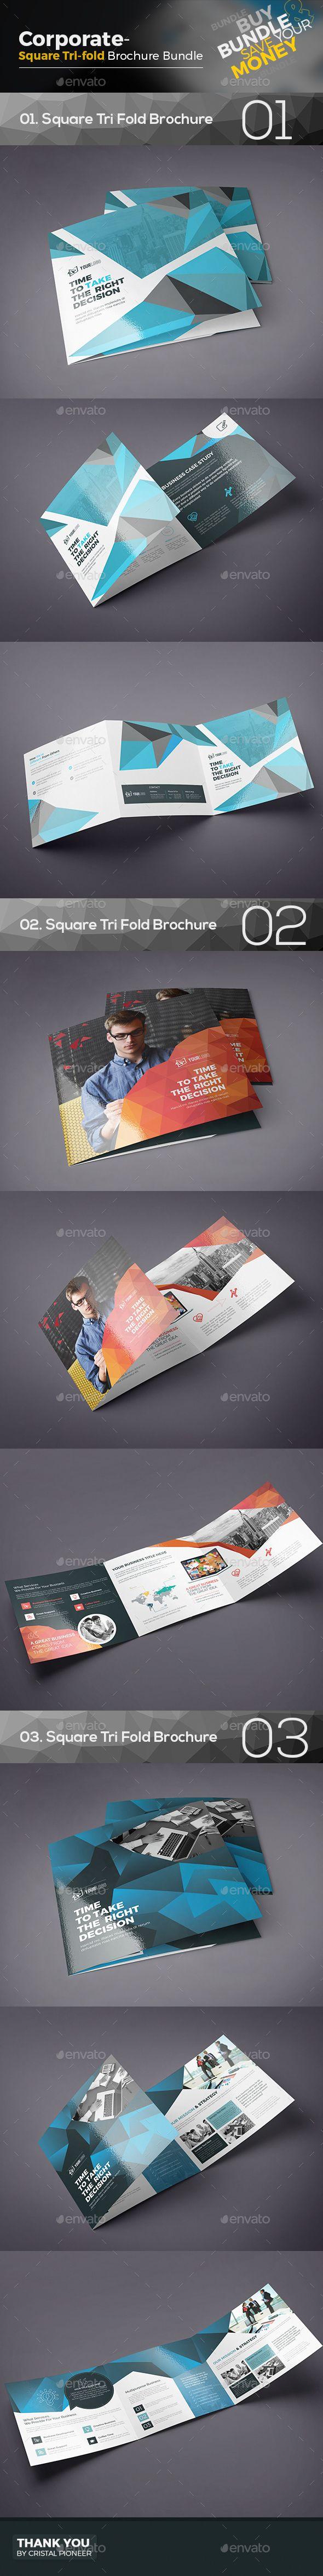 Square Tri Fold Brochure Bundle 3 in 1  — EPS Template #brochure #square template bundle • Download ➝ https://graphicriver.net/item/square-tri-fold-brochure-bundle-3-in-1/18197866?ref=pxcr